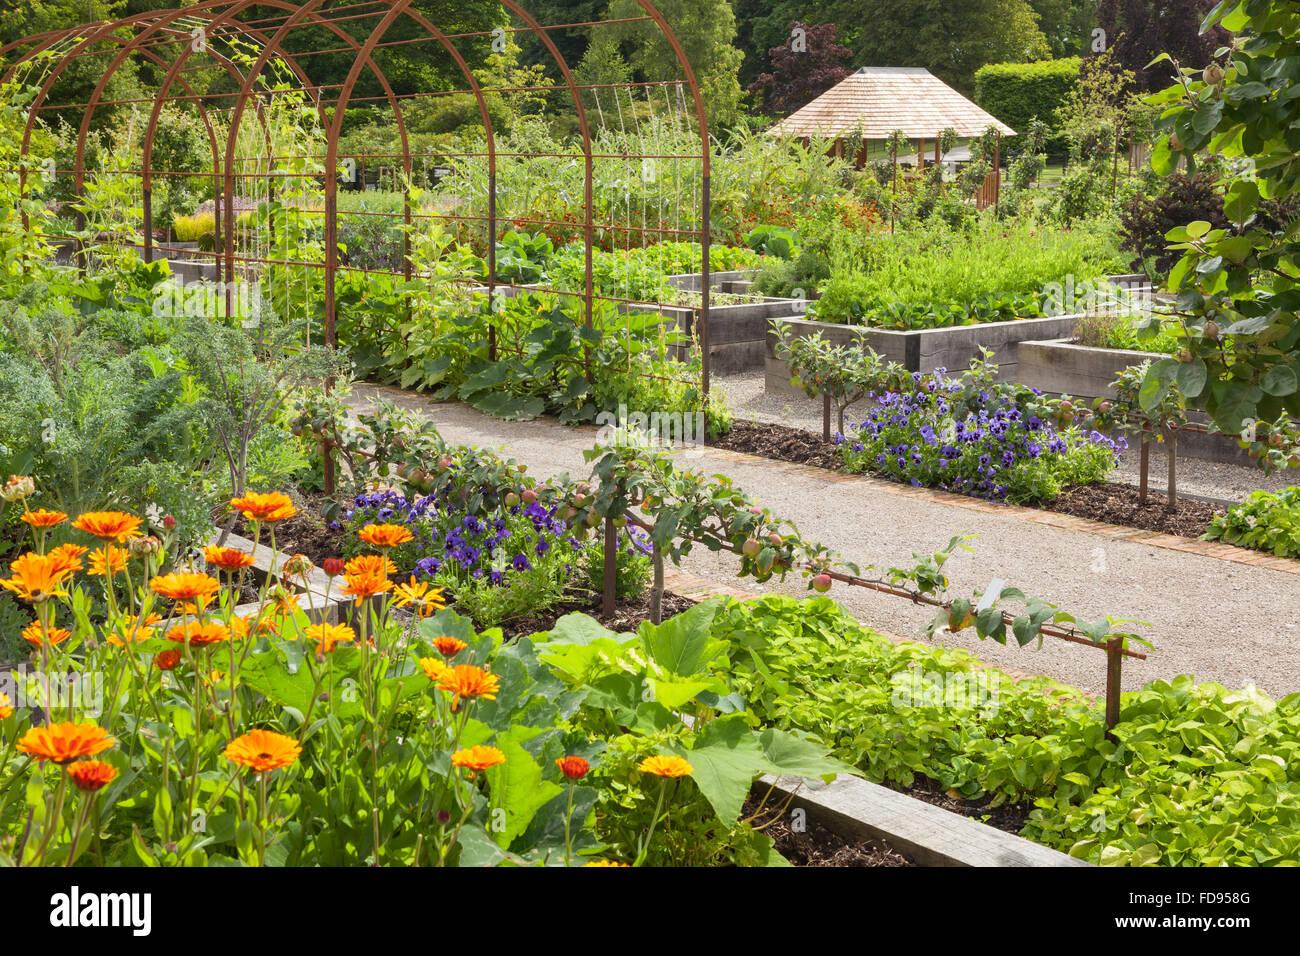 Klettergerüst Metall Garten : Metall torbogen klettergerüst unter angehobenen betten die küche